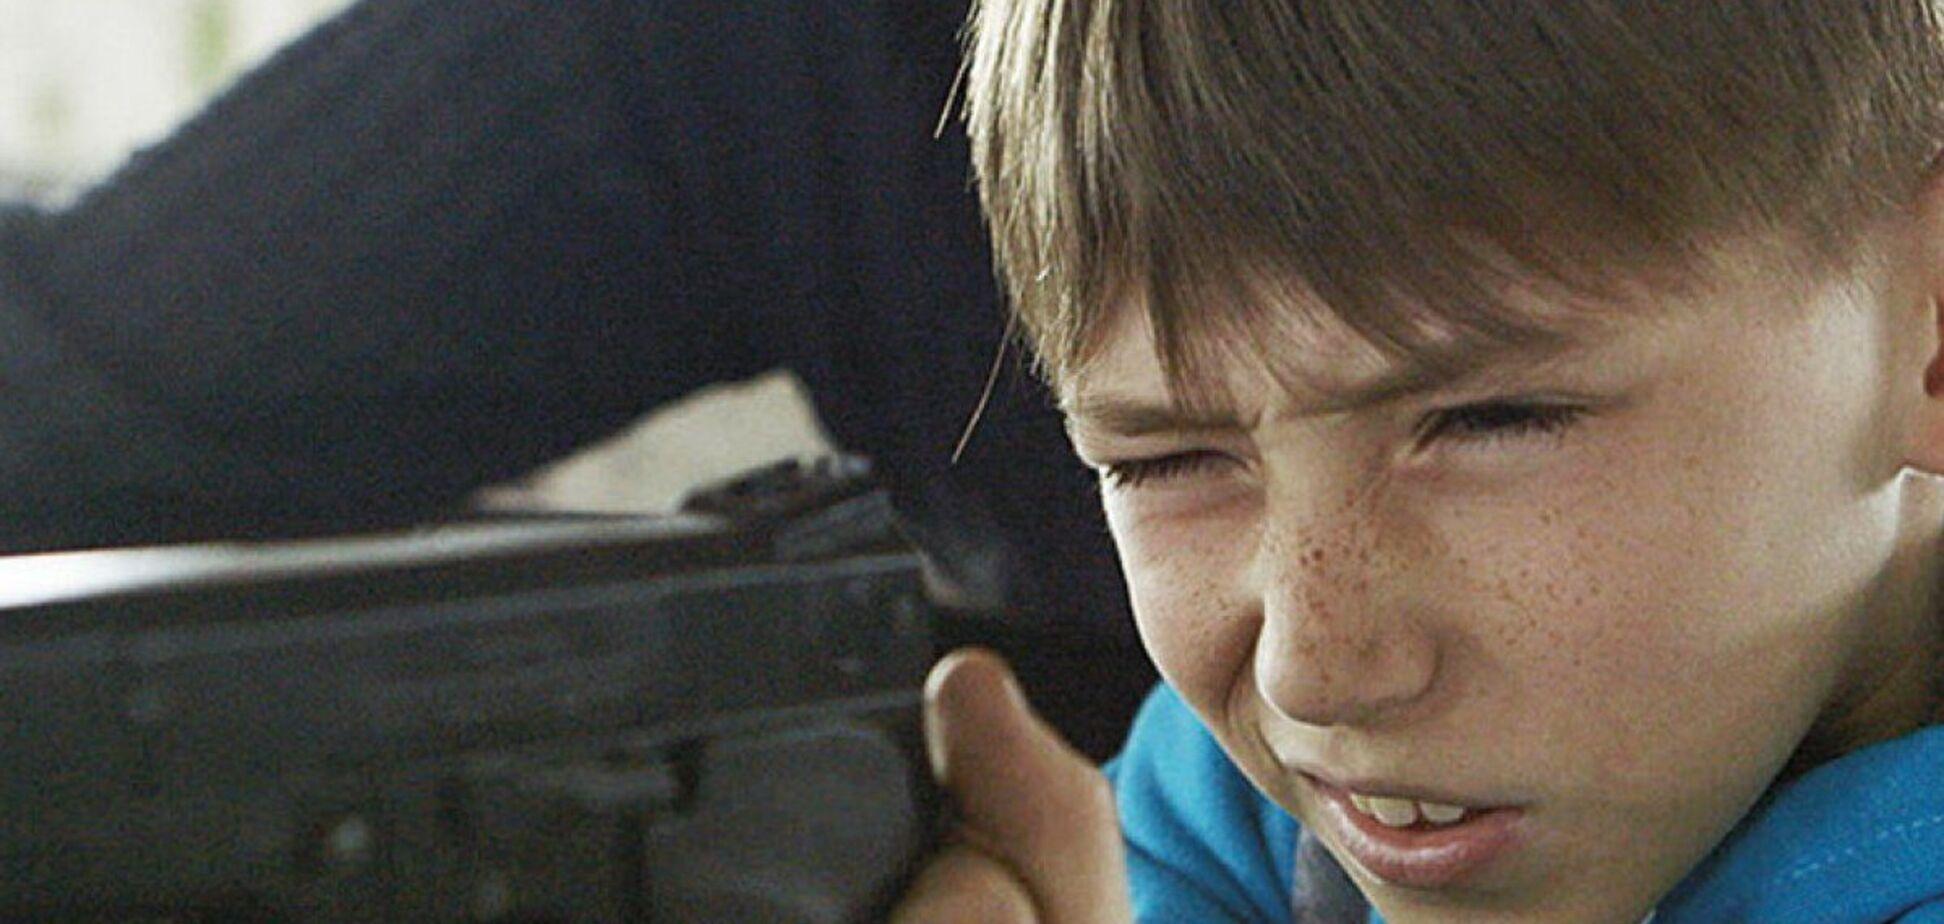 Украинский фильм о мальчике из Донбасса номинировали на 'Эмми': что известно